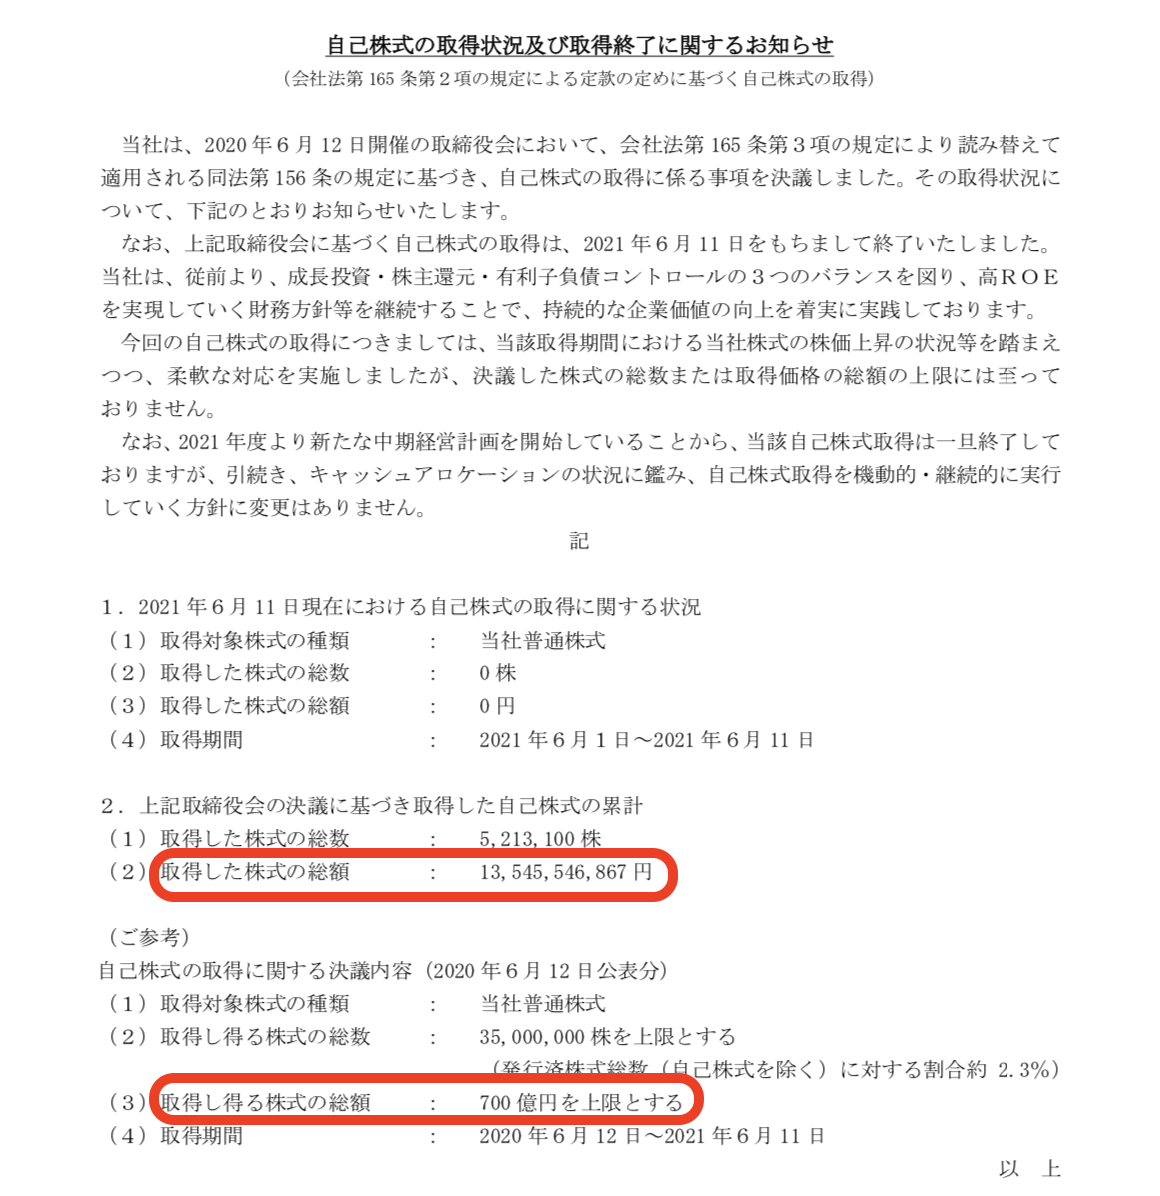 伊藤忠商事株式会社 自己株式の取得状況及び取得終了に関するお知らせ